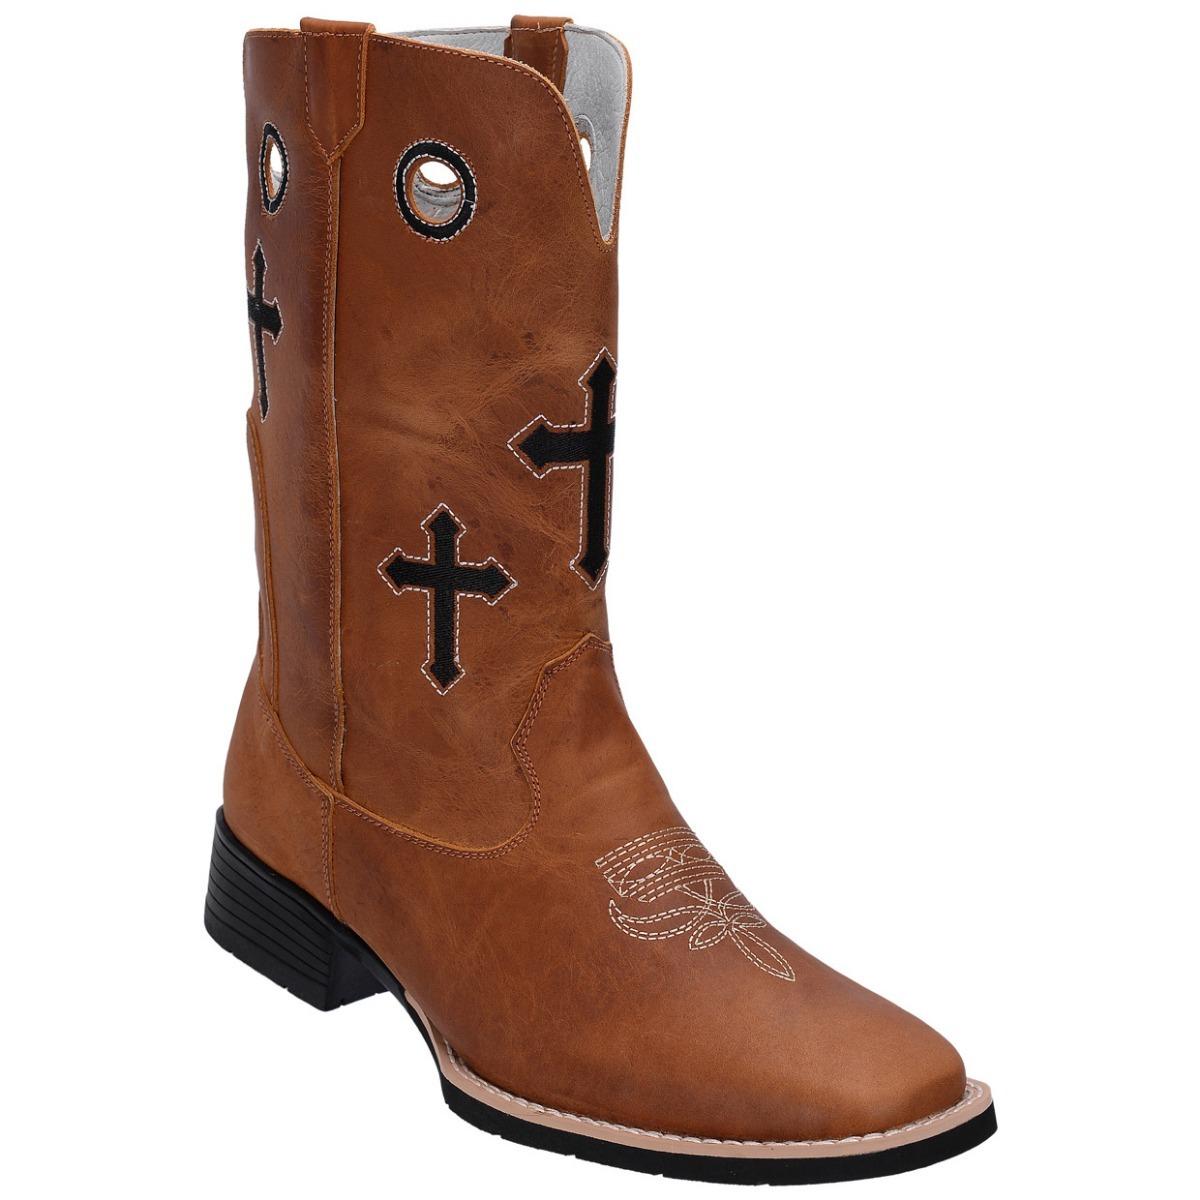 98fbc4241e988 bota country texana unissex bordada couro bico quadrado 720. Carregando  zoom.